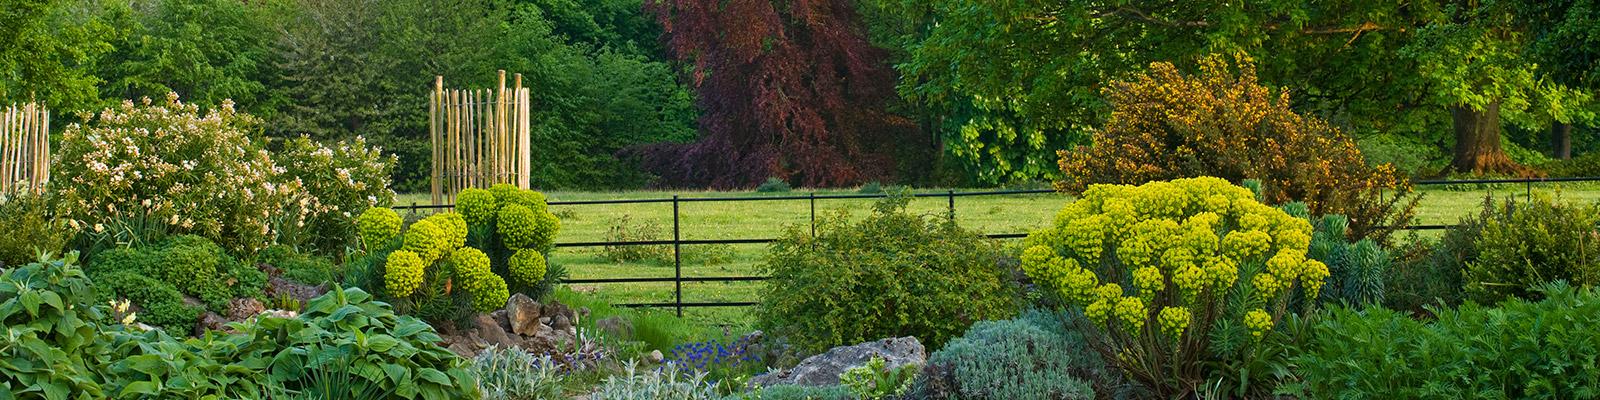 Doddington Place Gardens - Contact